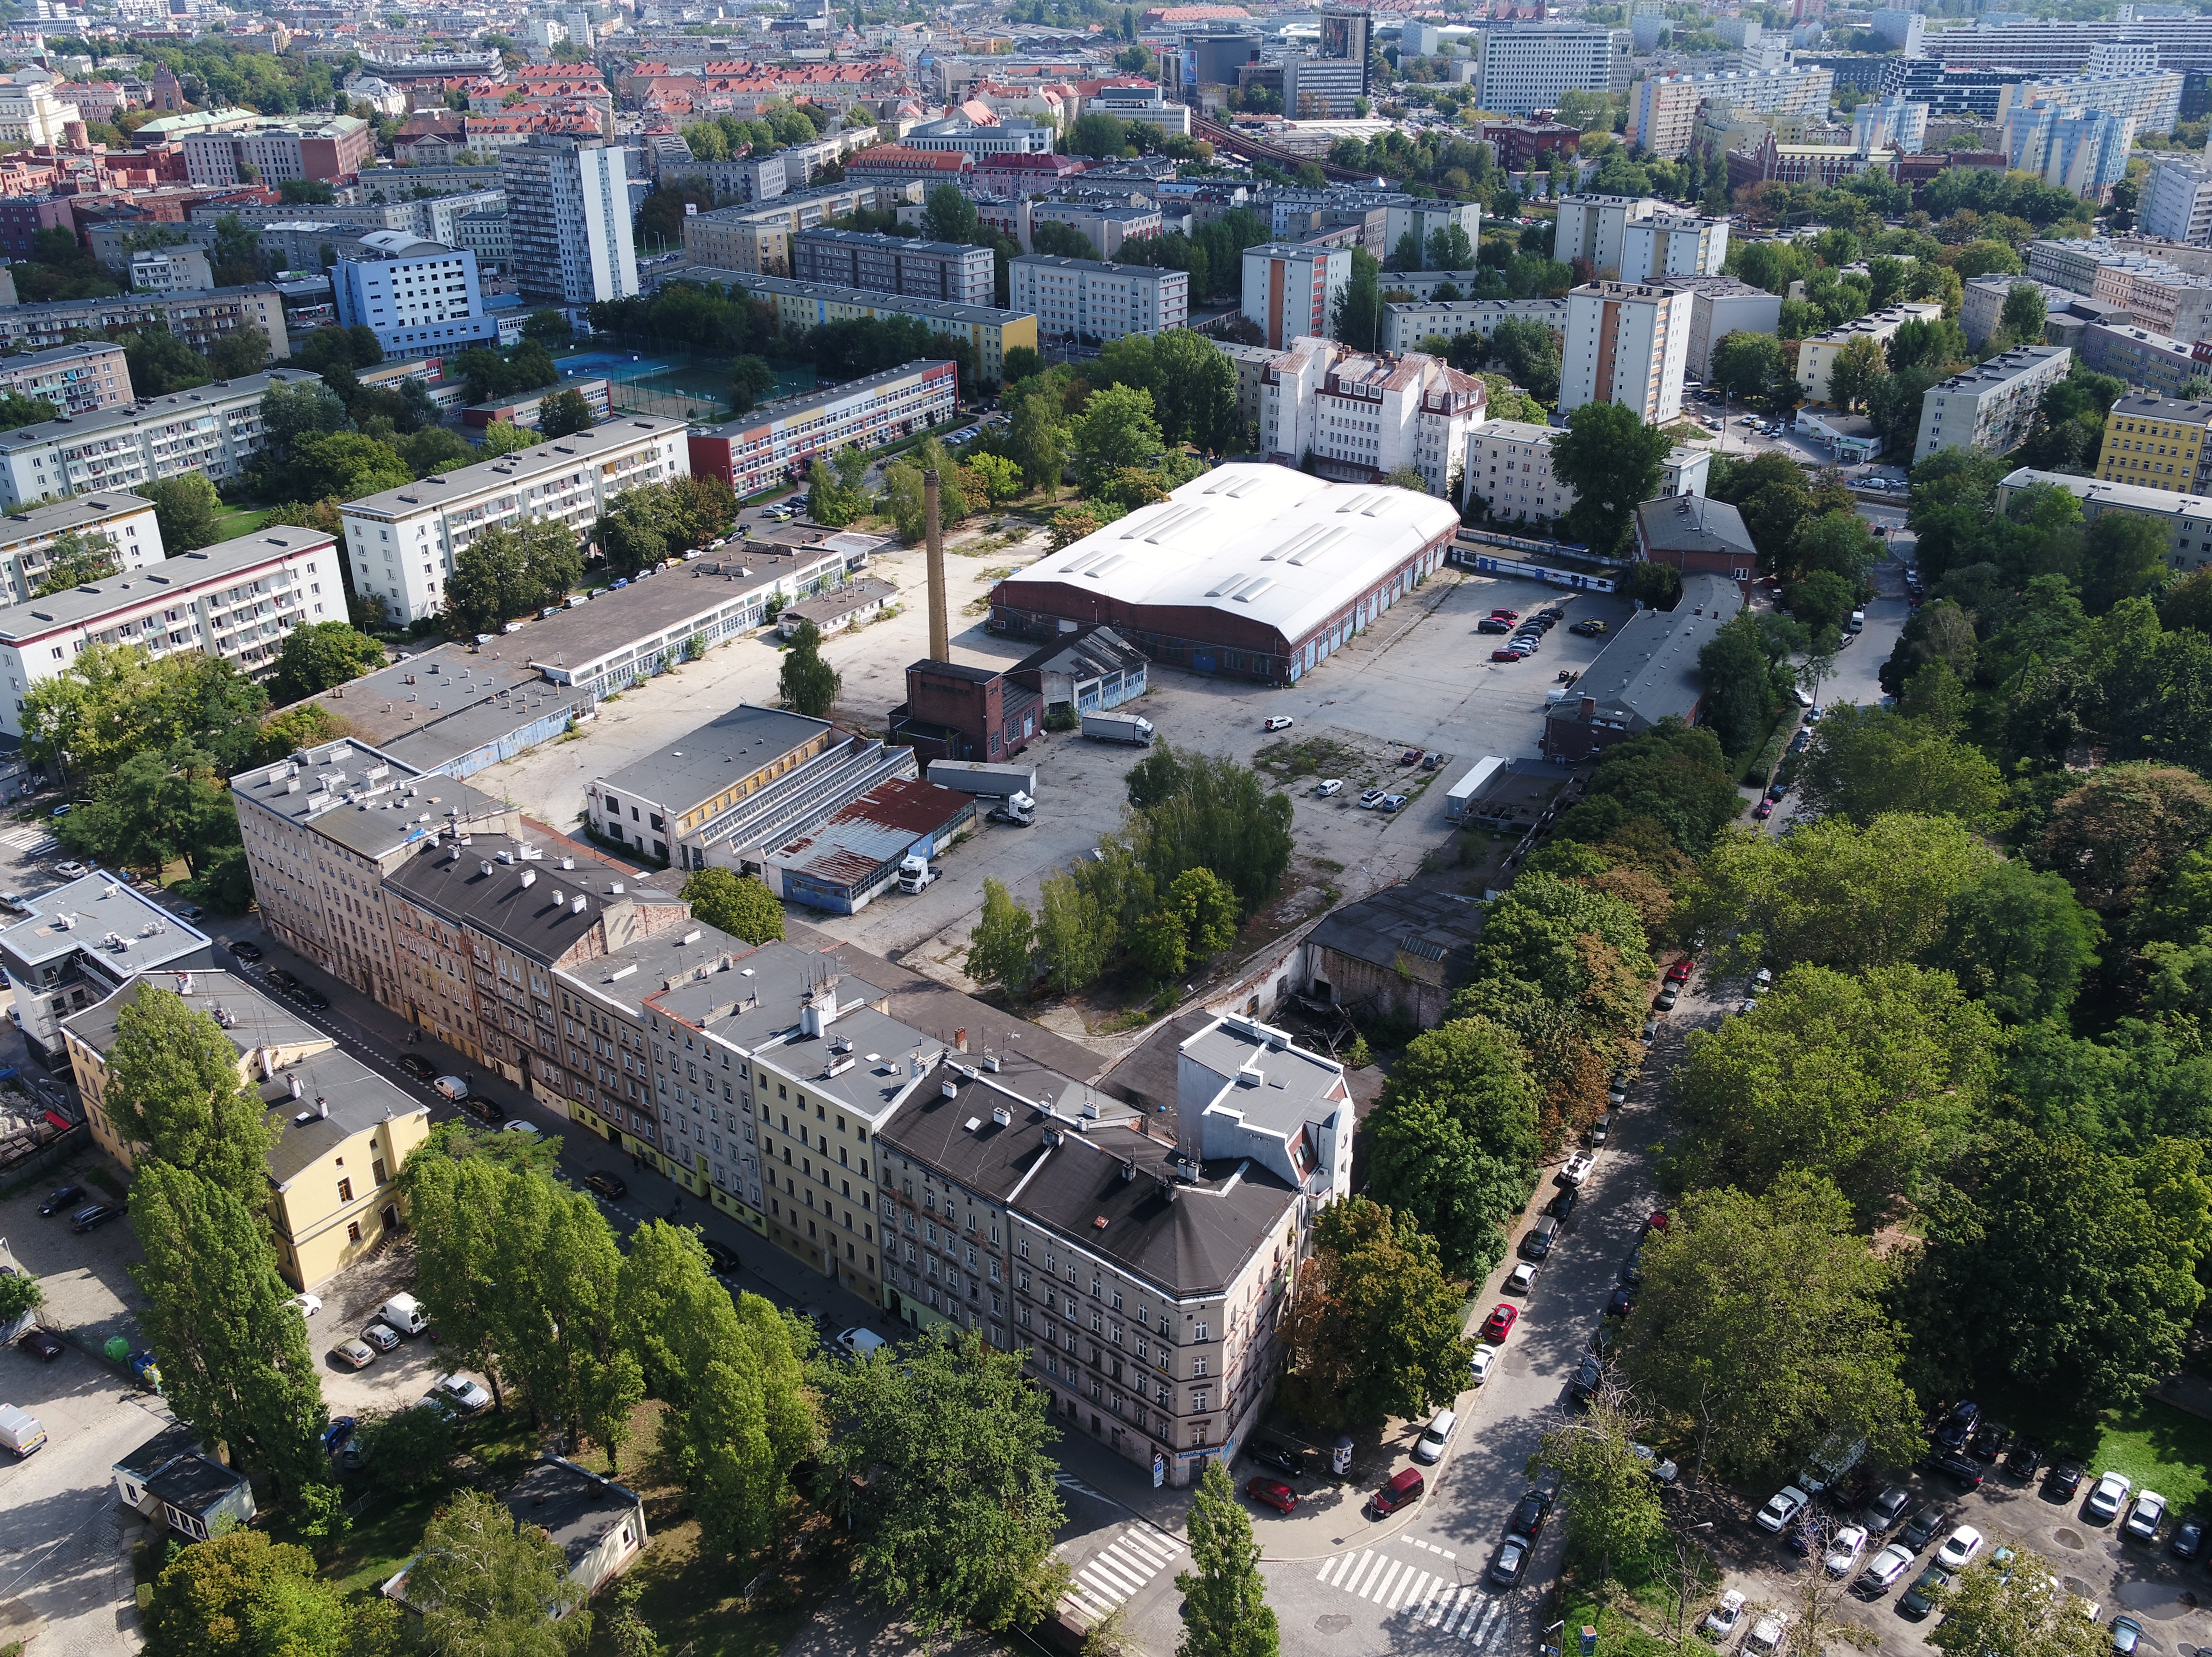 Nowe osiedle stanie zaledwie 1,5 km od wrocławskiej starówki (fot. mat. pras. PFR Nieruchomości)